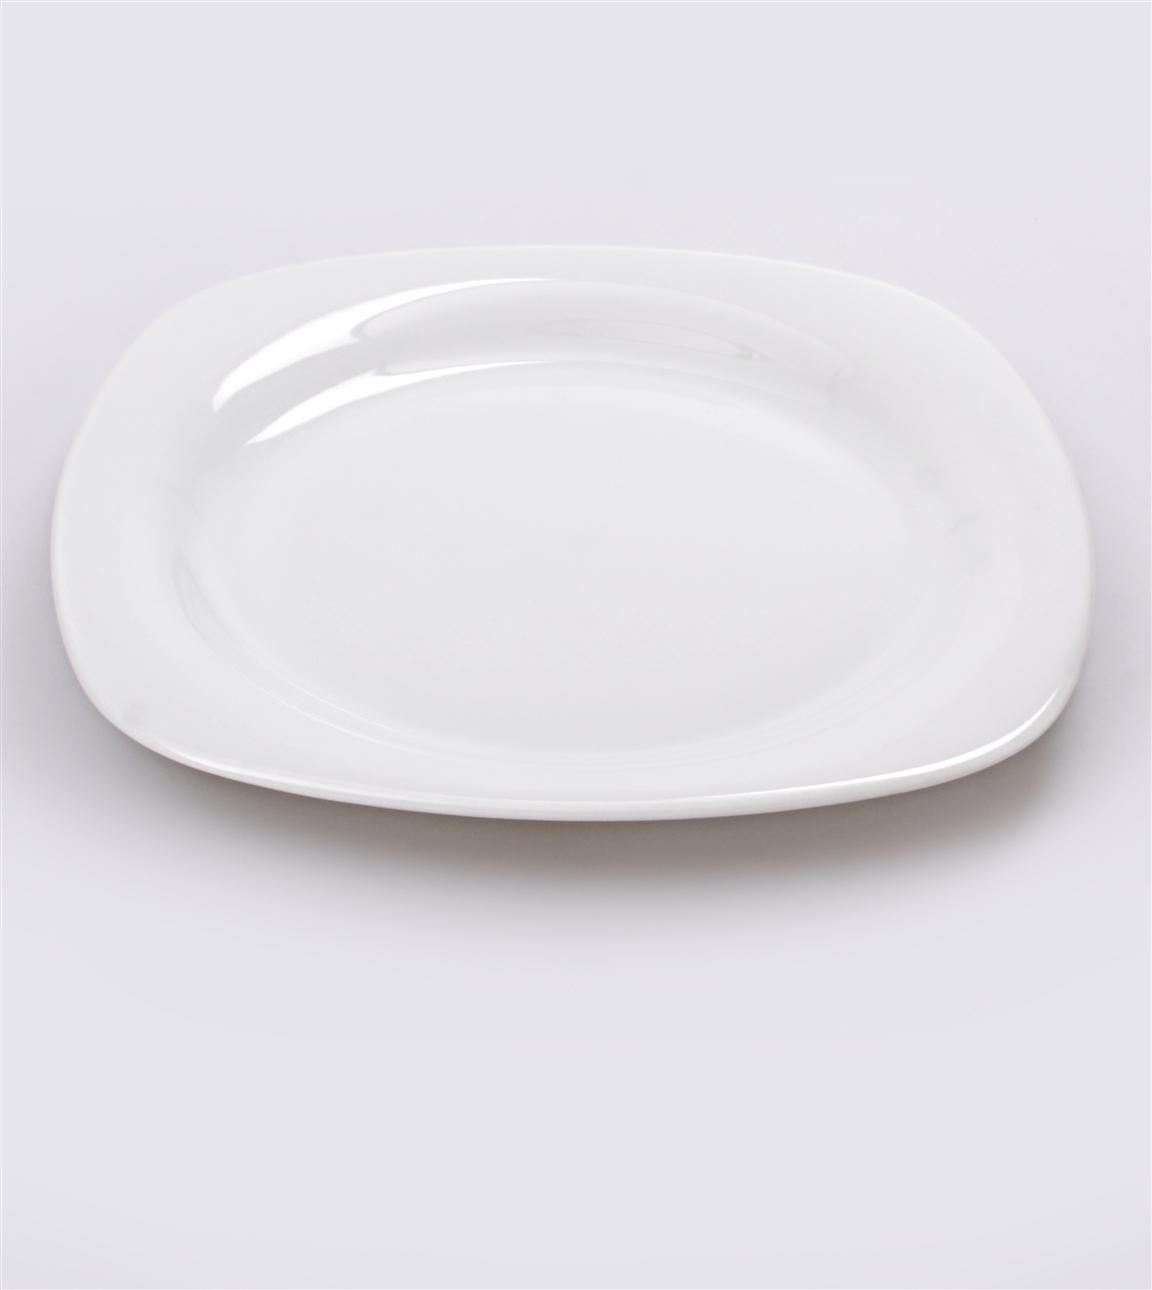 Porland Yemek Tabağı 5001941356001 Ürün Resmi